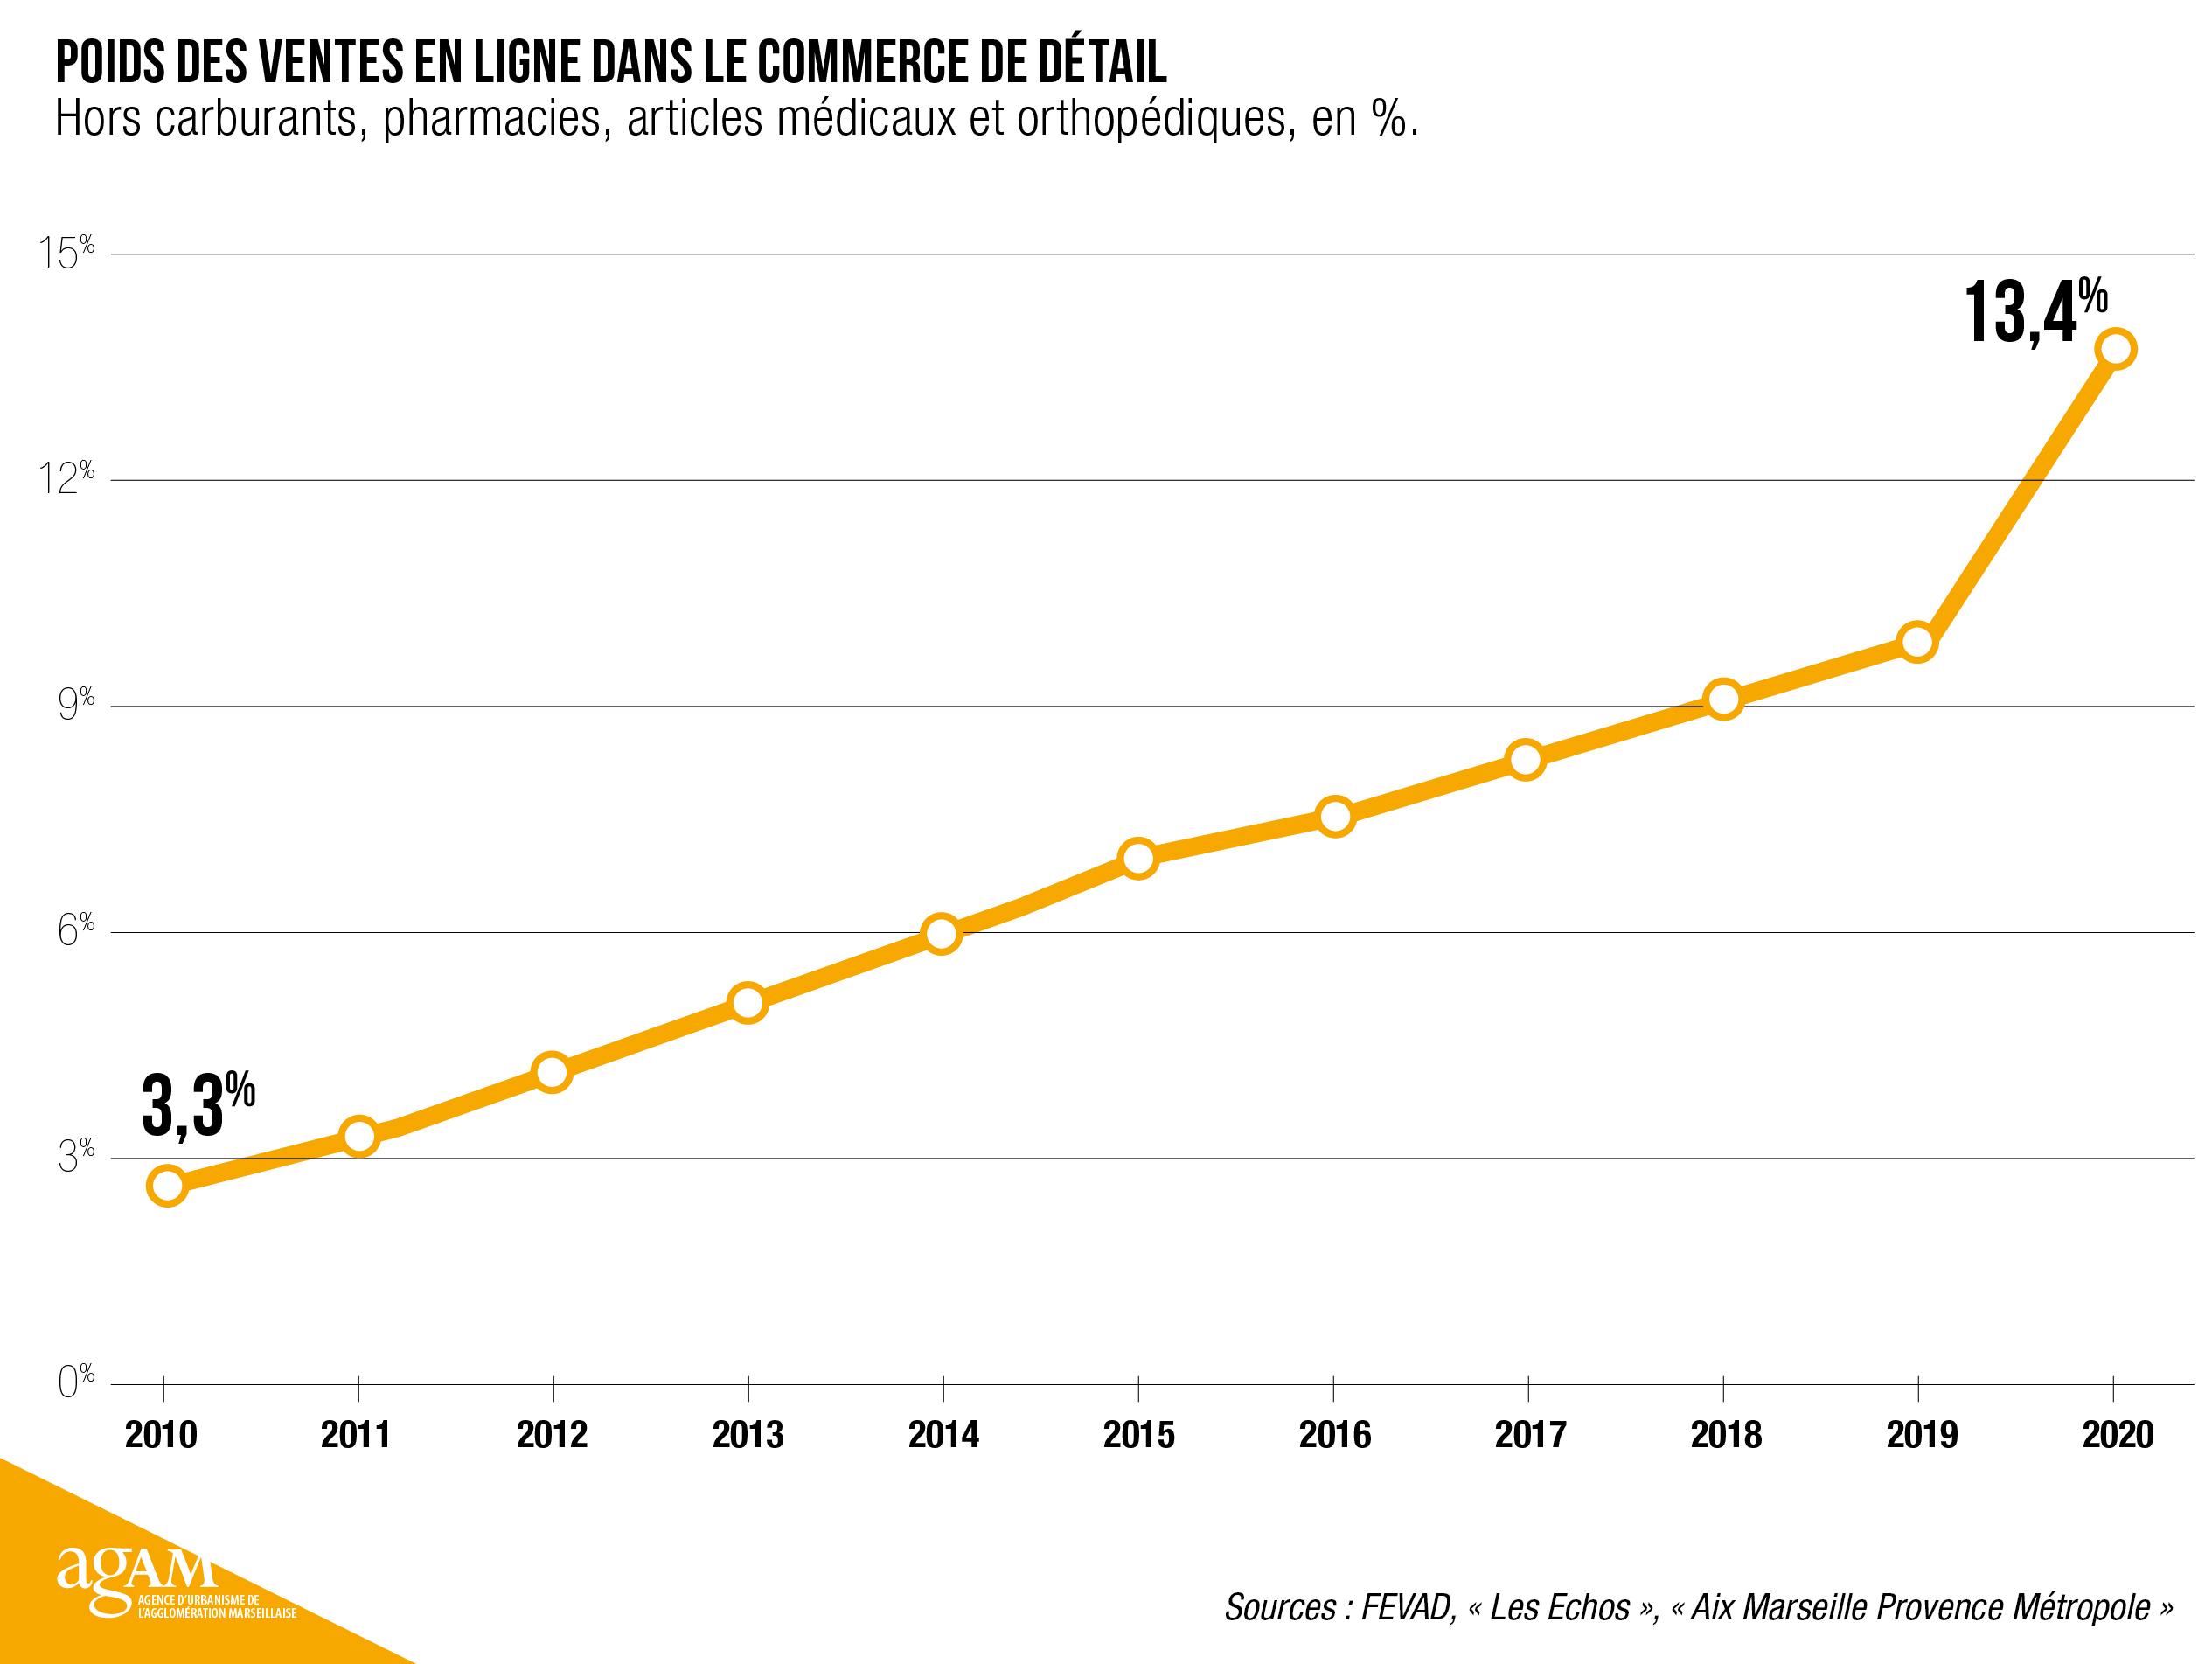 Poids des ventes en ligne dans le commerce de détail